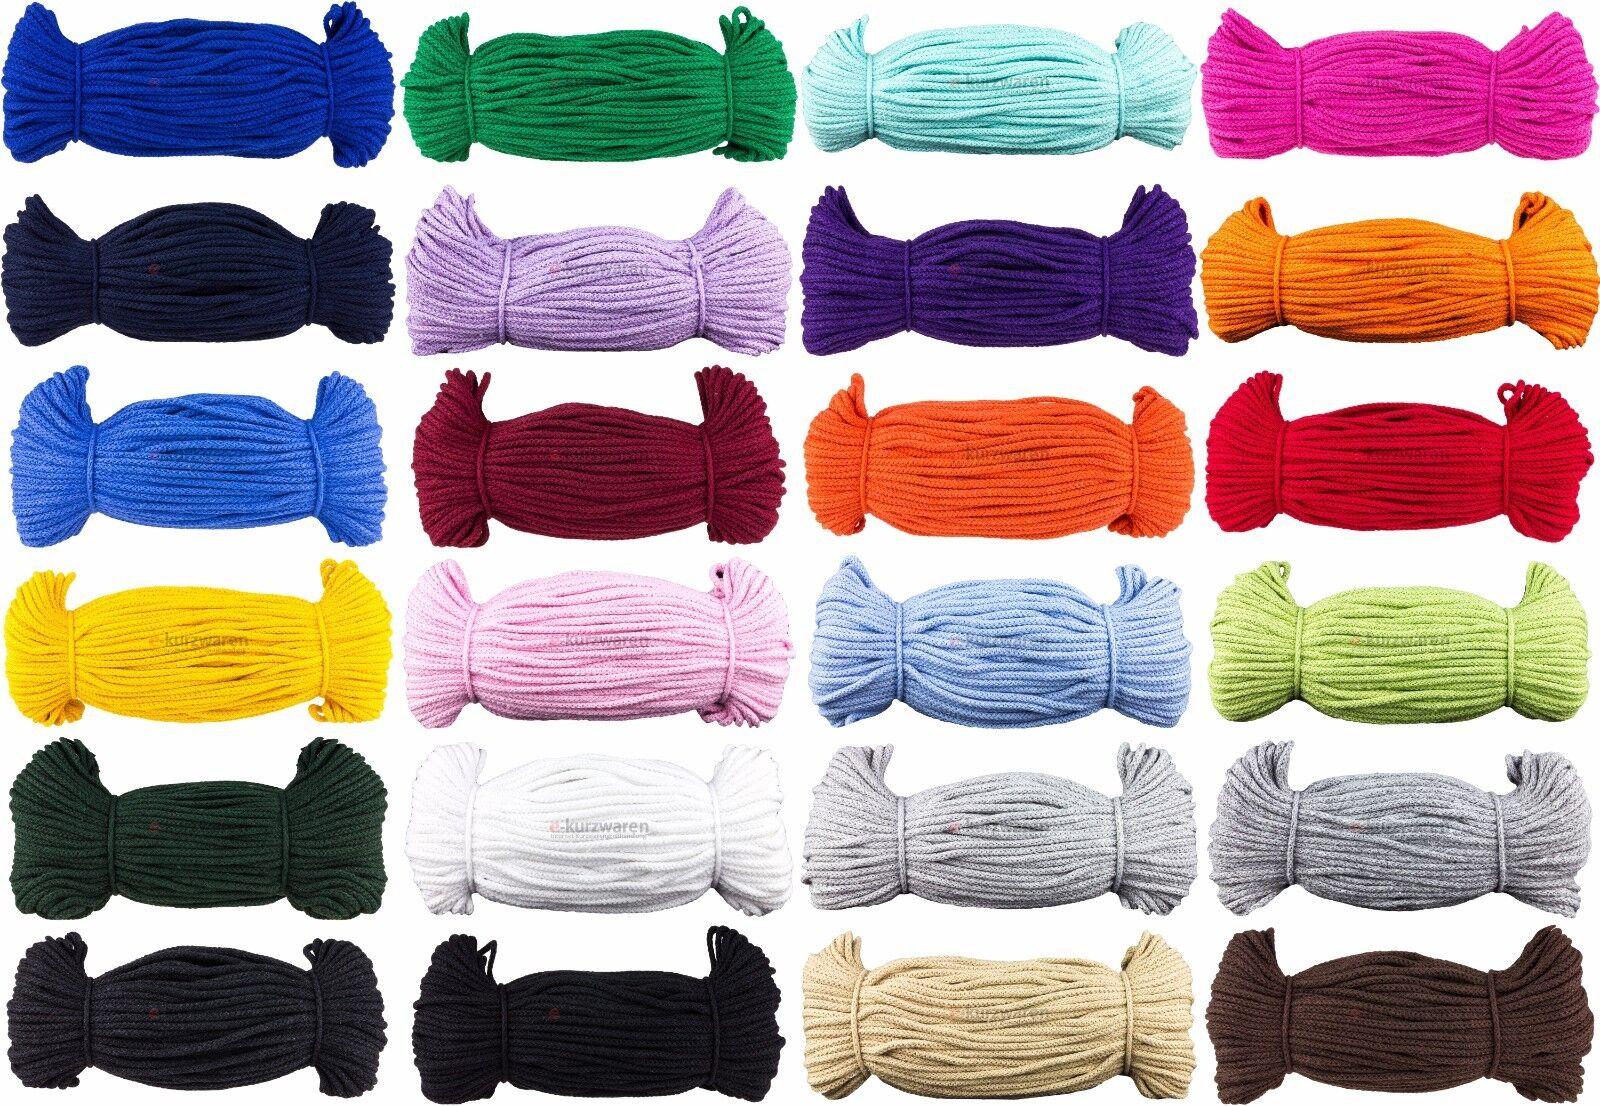 50m/100m Baumwollkordel 3mm/5mm/8mm Kordel Baumwolle Schnur 25 Farben